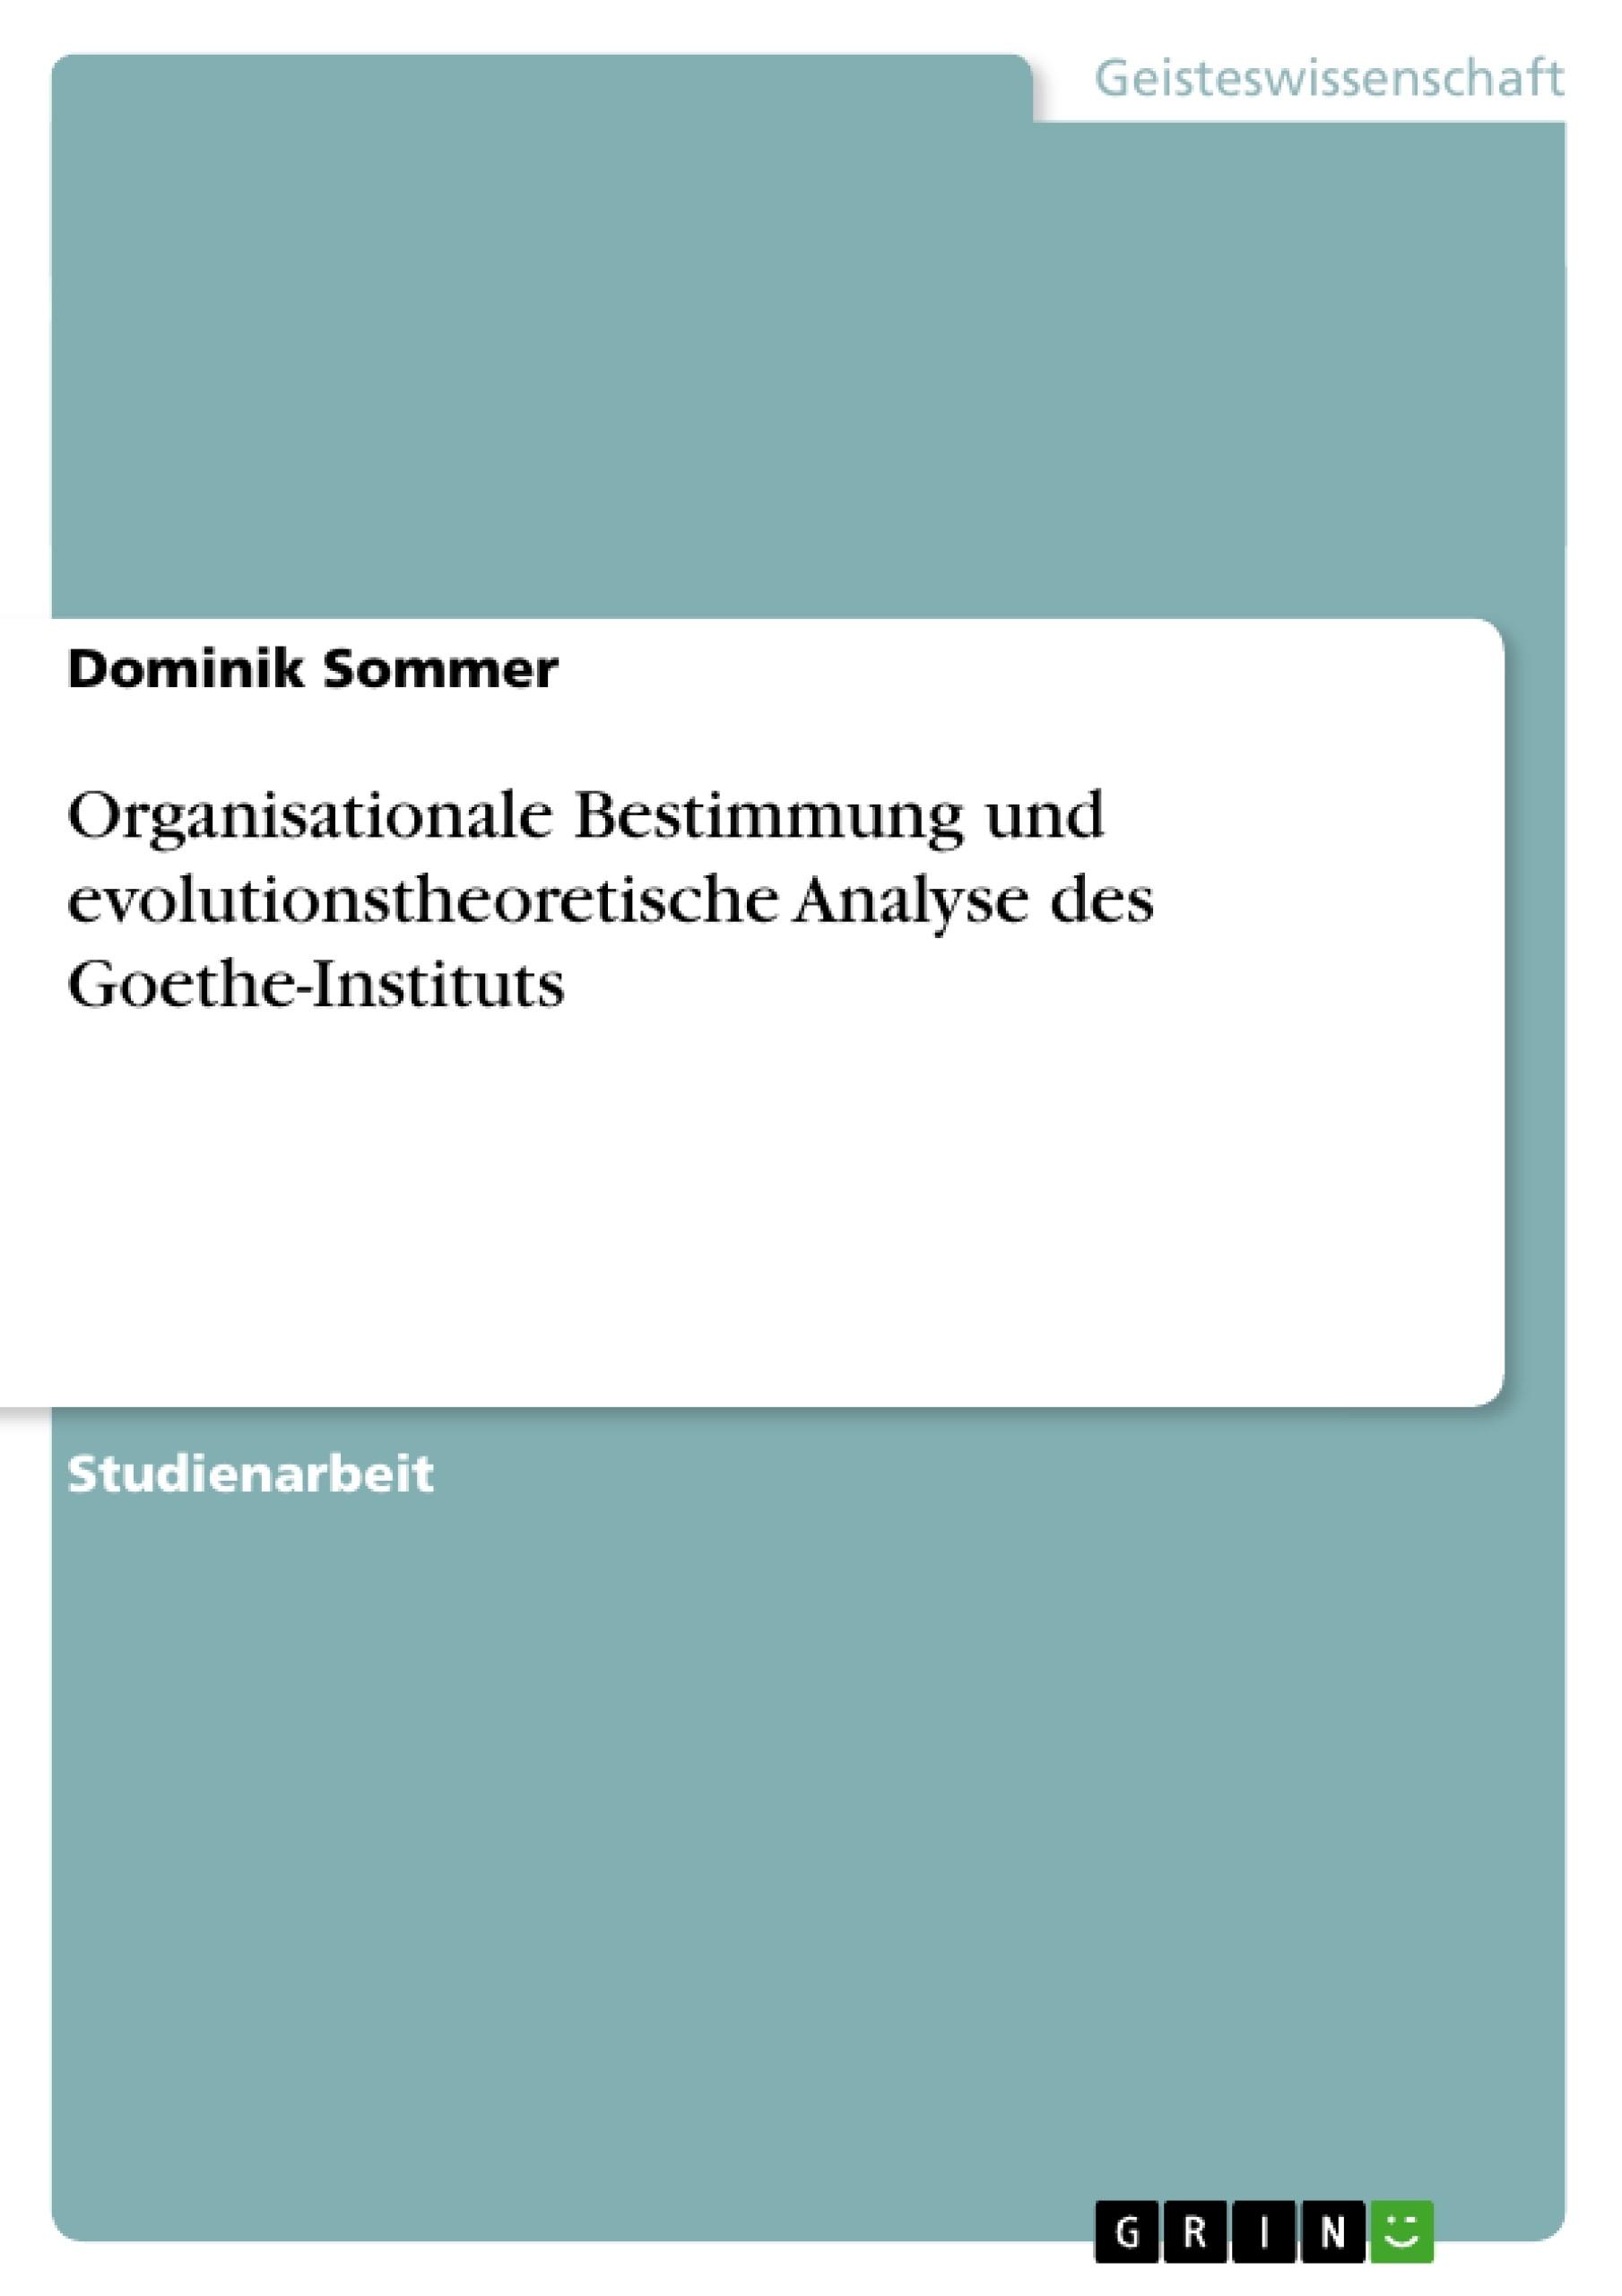 Titel: Organisationale Bestimmung und evolutionstheoretische Analyse des Goethe-Instituts